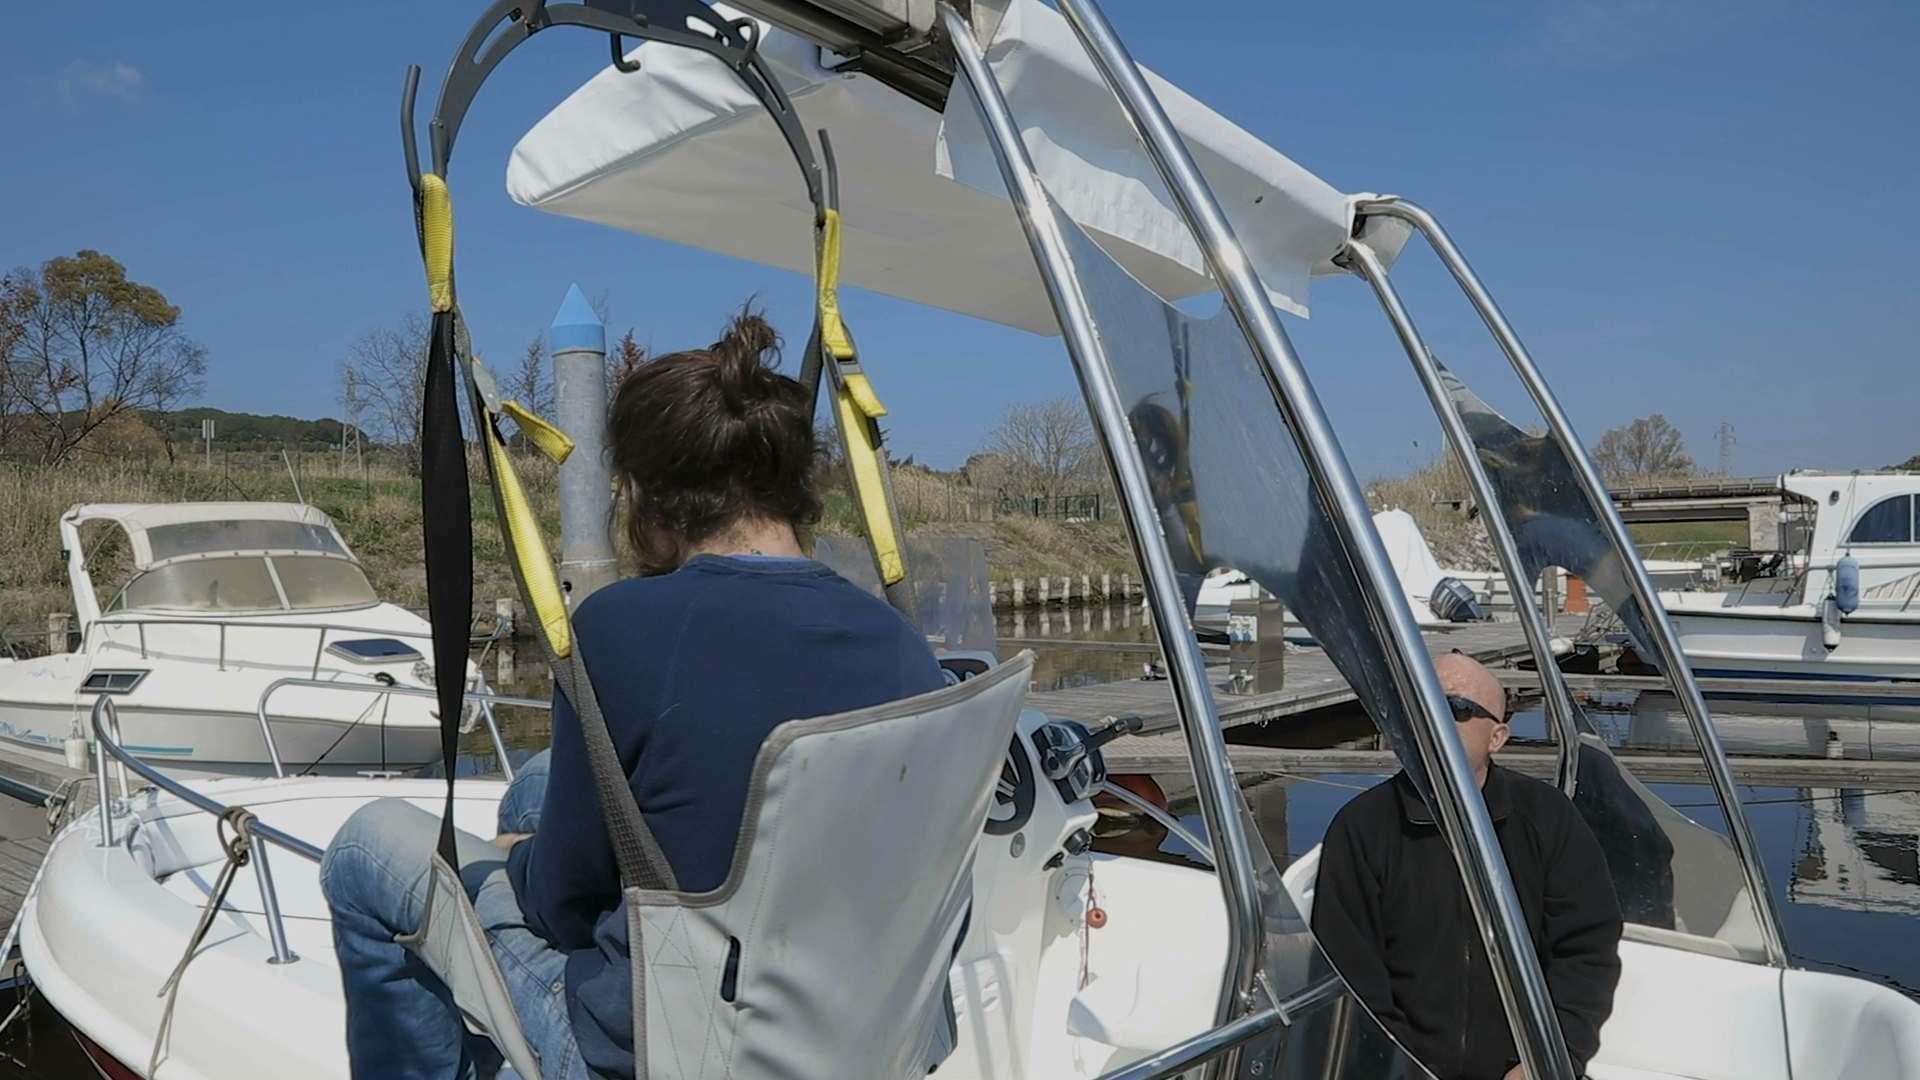 accessibilità impianti nautici grazie a barche e gommoni con sollevatore per disabili fisici